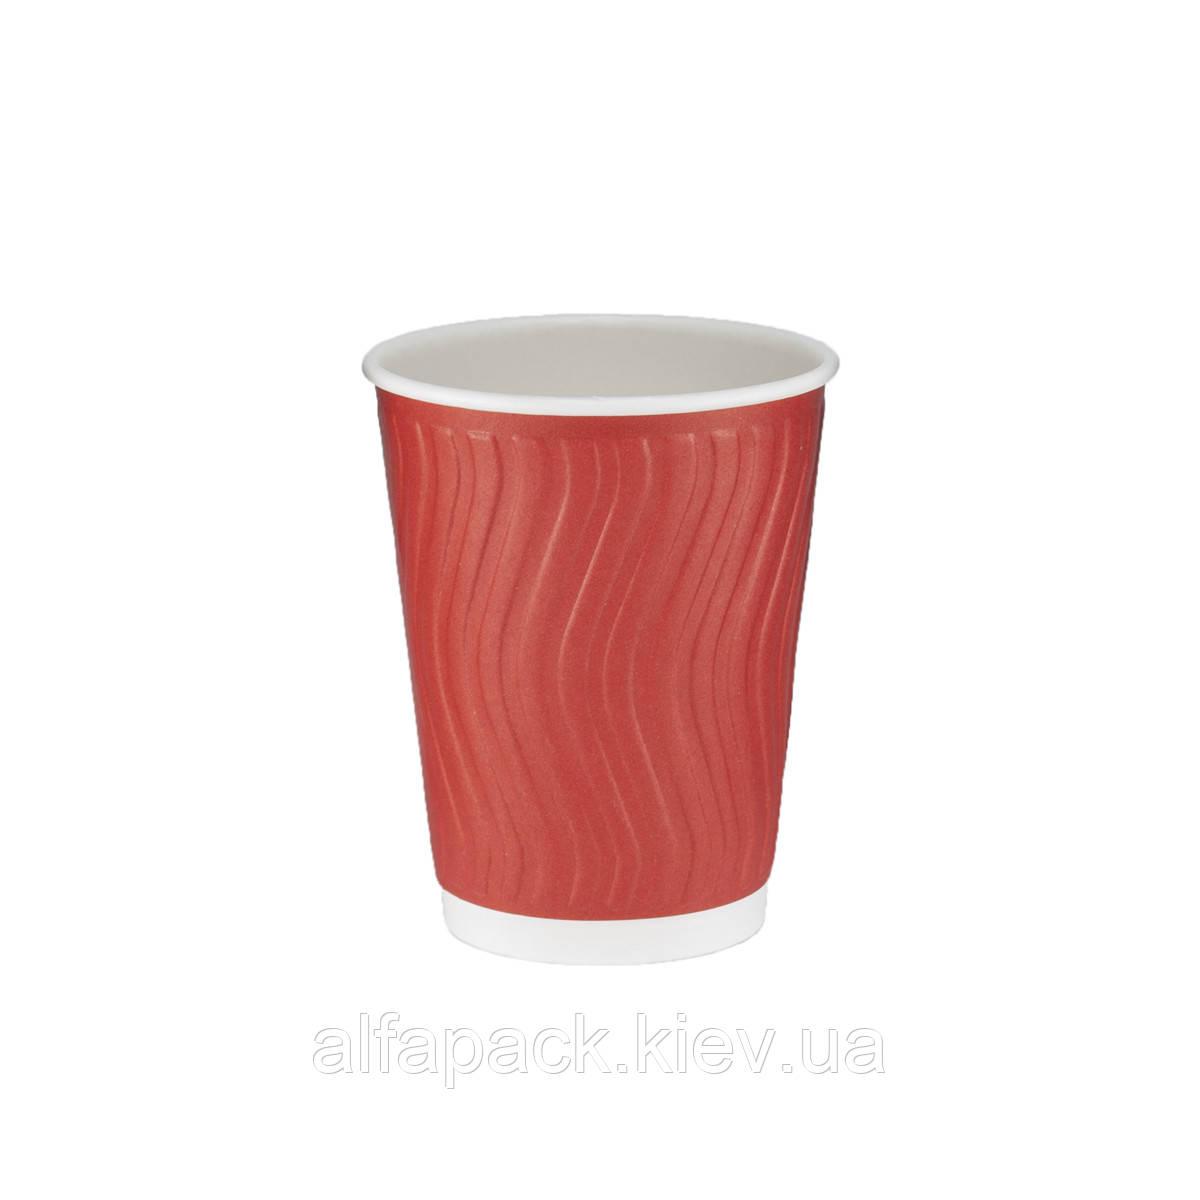 Гофрированный стакан волна красный 340 мл